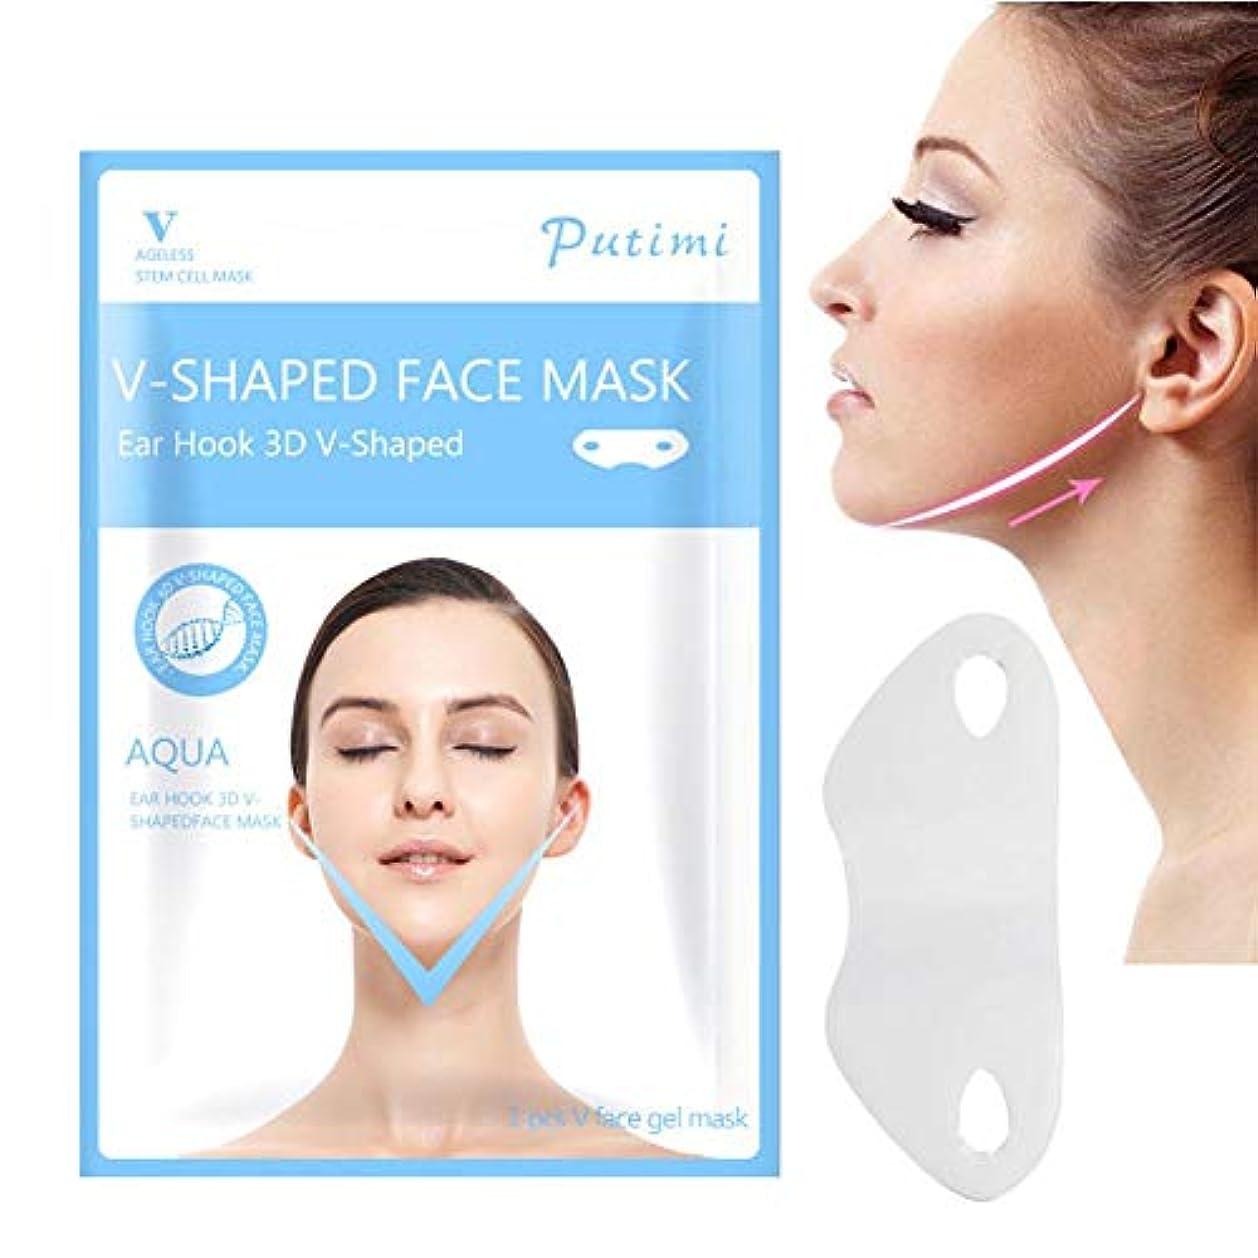 機密カッターペッカディロSILUN 最新型 Vフェイシャルマスク フェイスマスク 小顔 マスク フェイスラインベルト 美顔 顔痩せ 保湿 血行を促進する 睡眠マスク